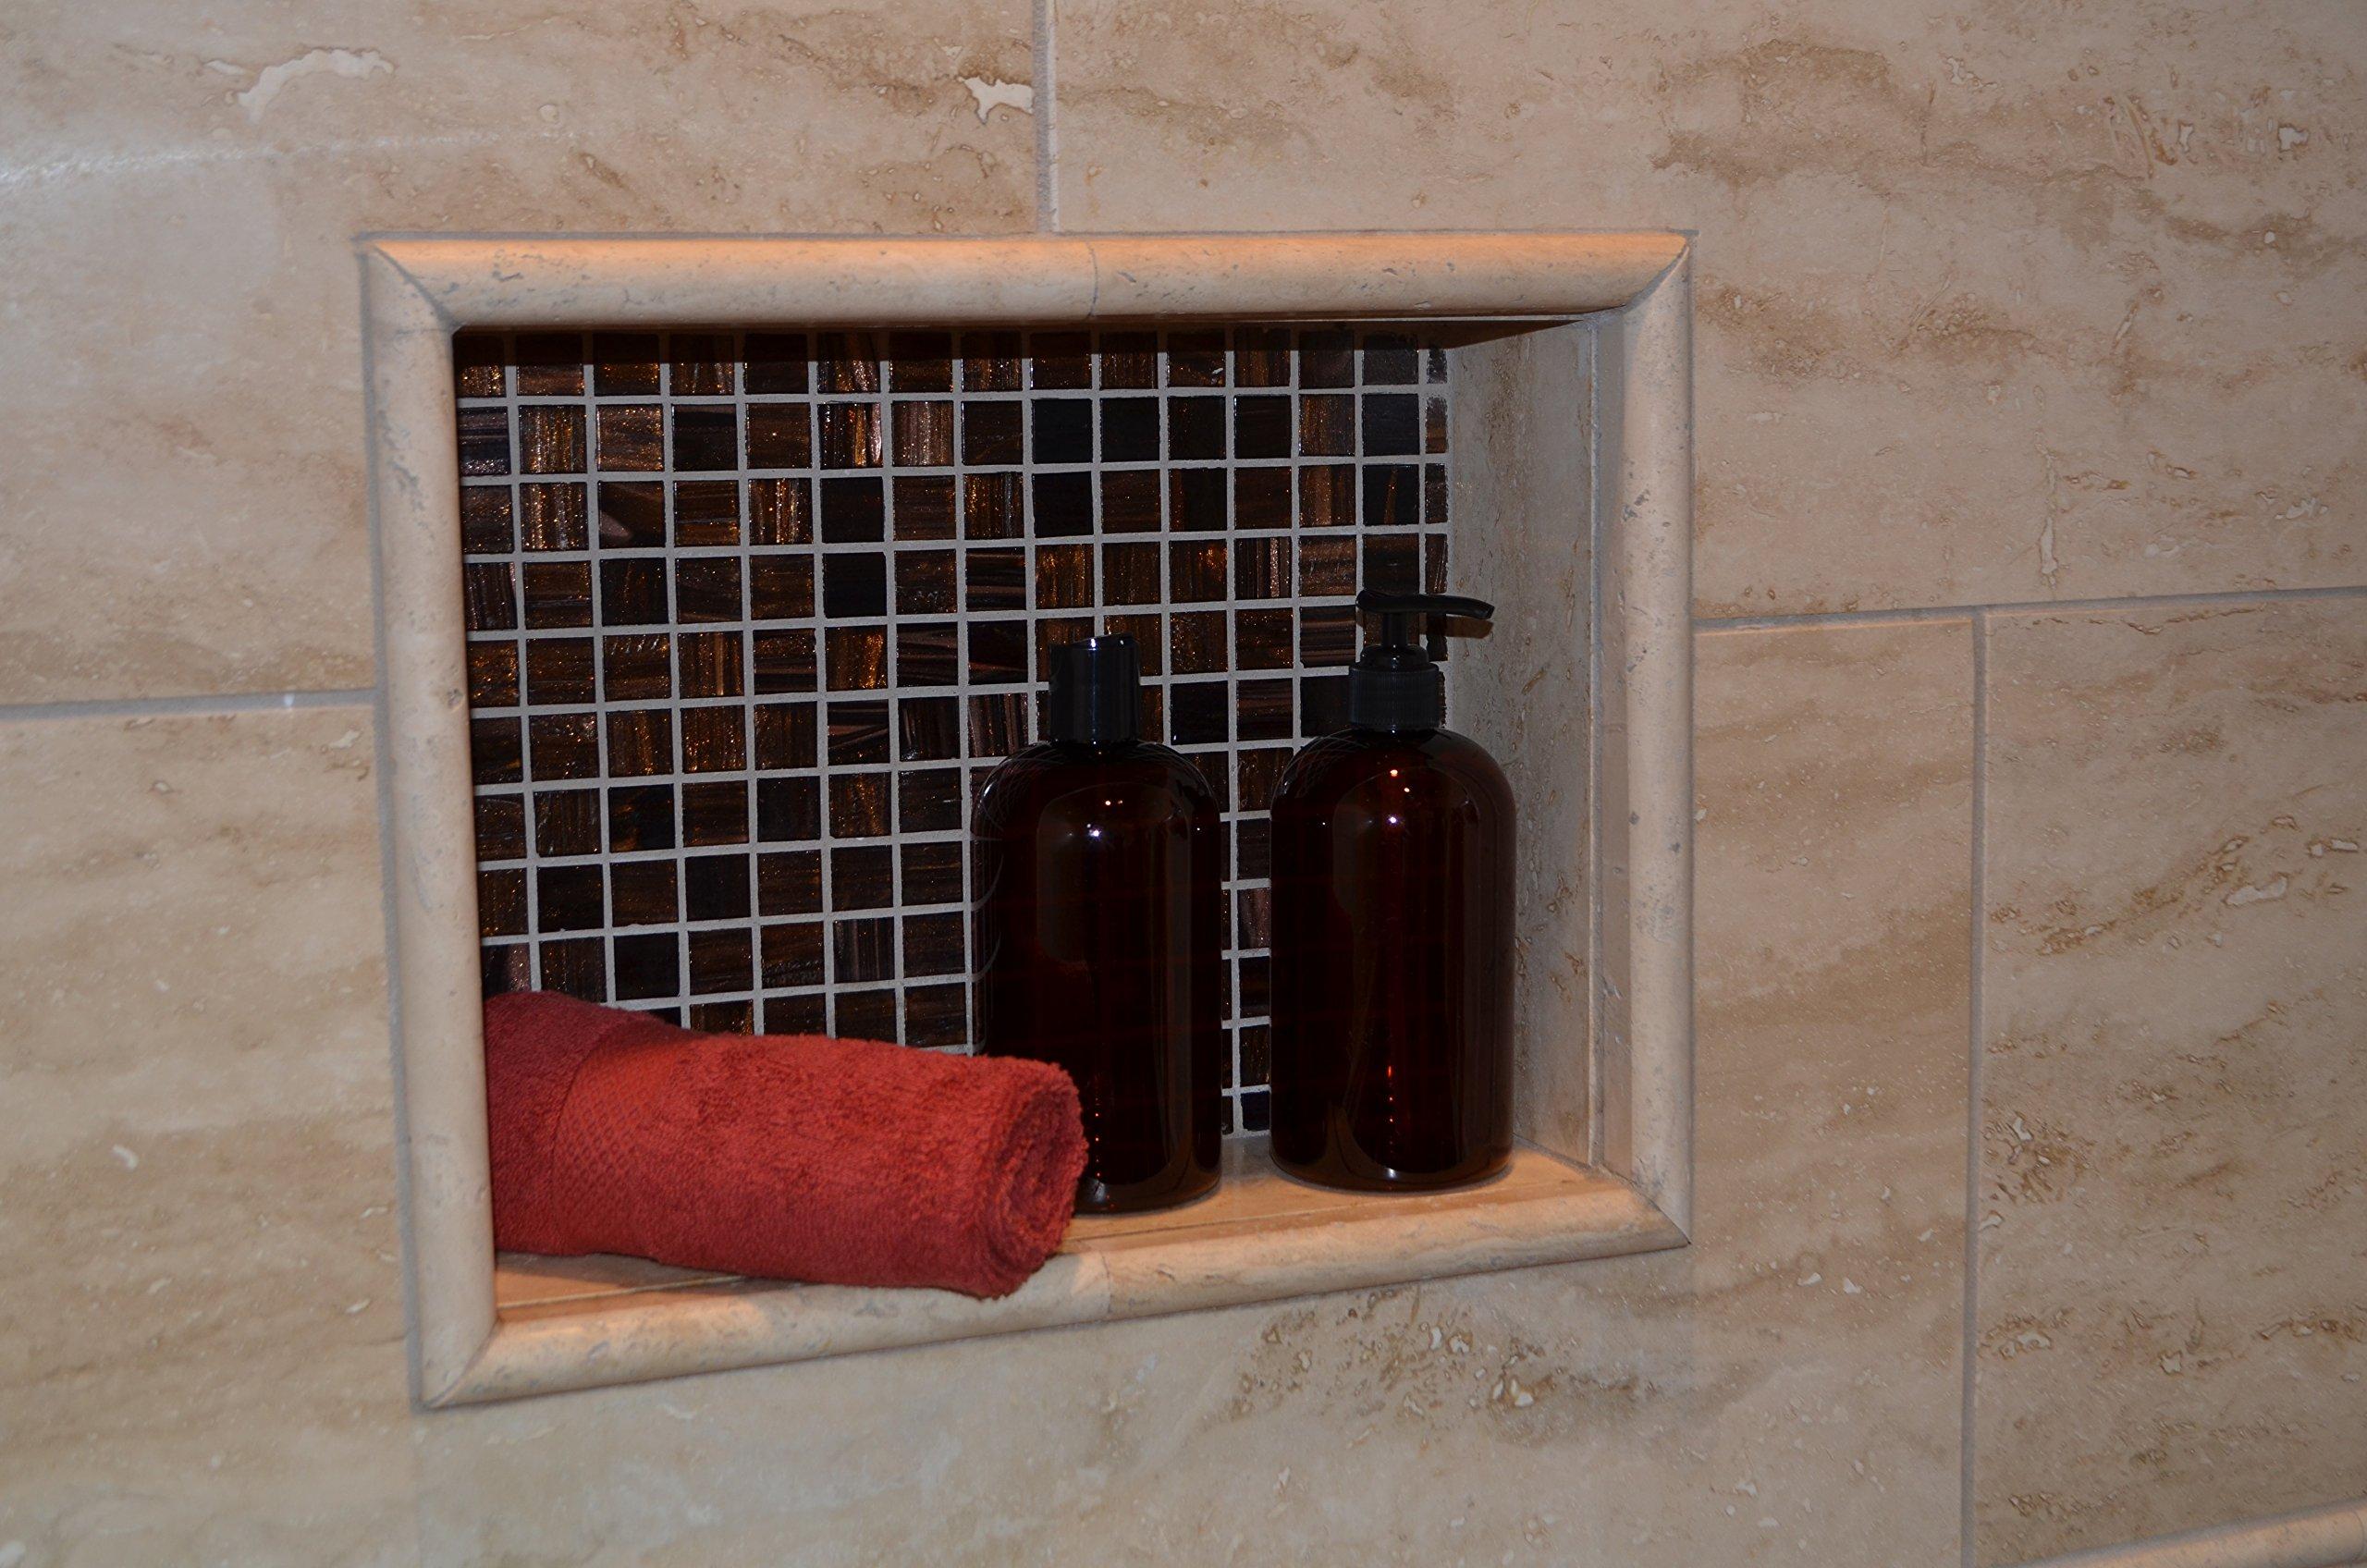 BAIRE Refillable Bottles - on shelf